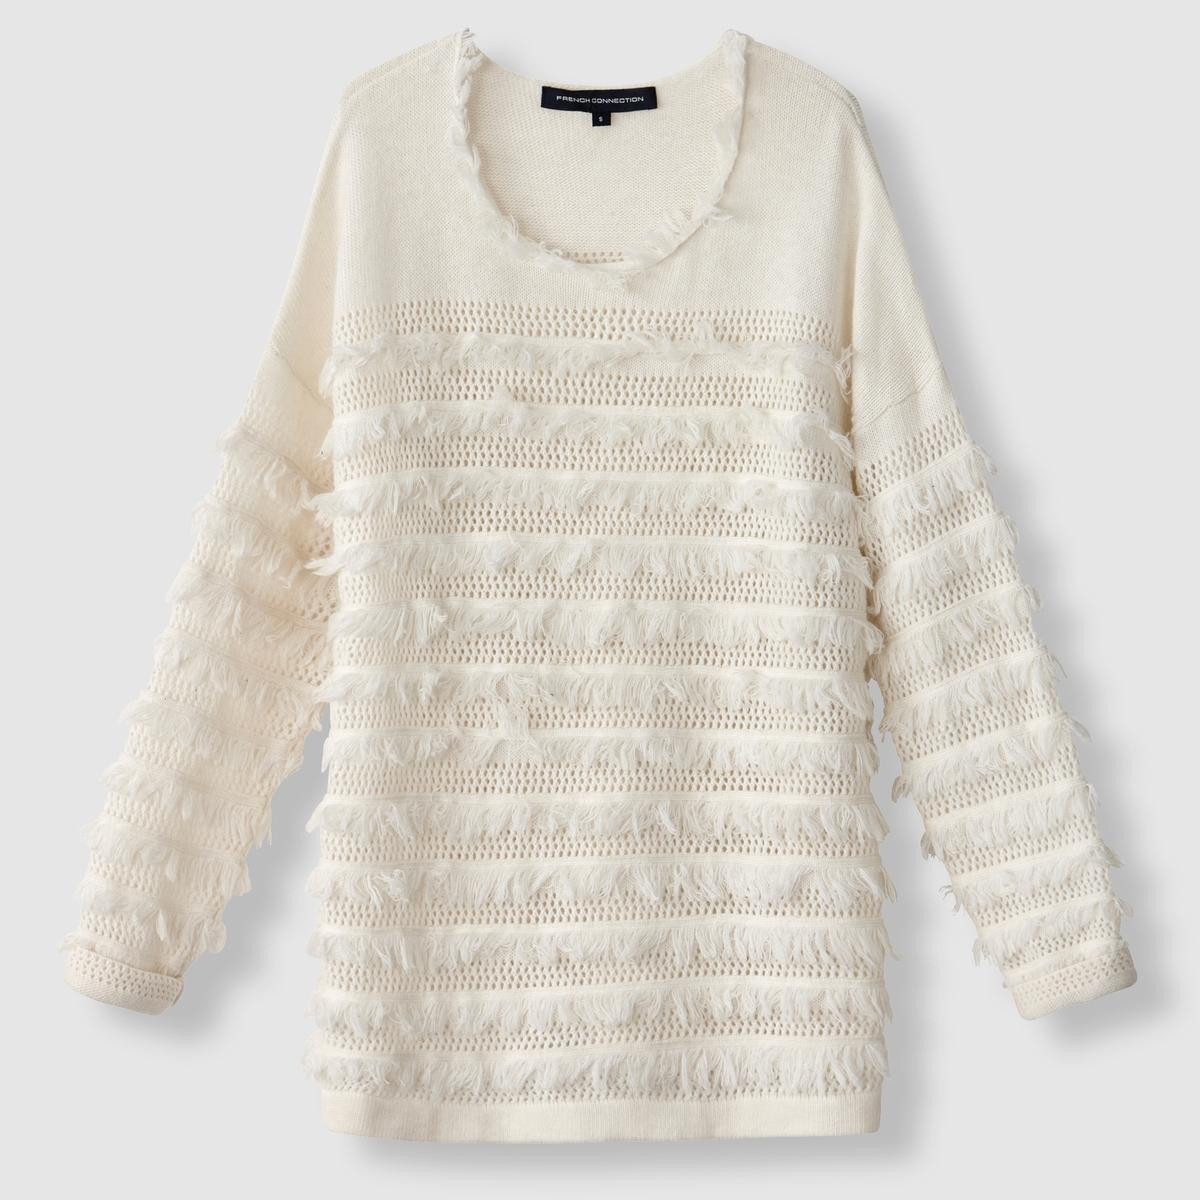 Пуловер с бахромой и ажурным узором, с круглым вырезом dobson c french verb handbook